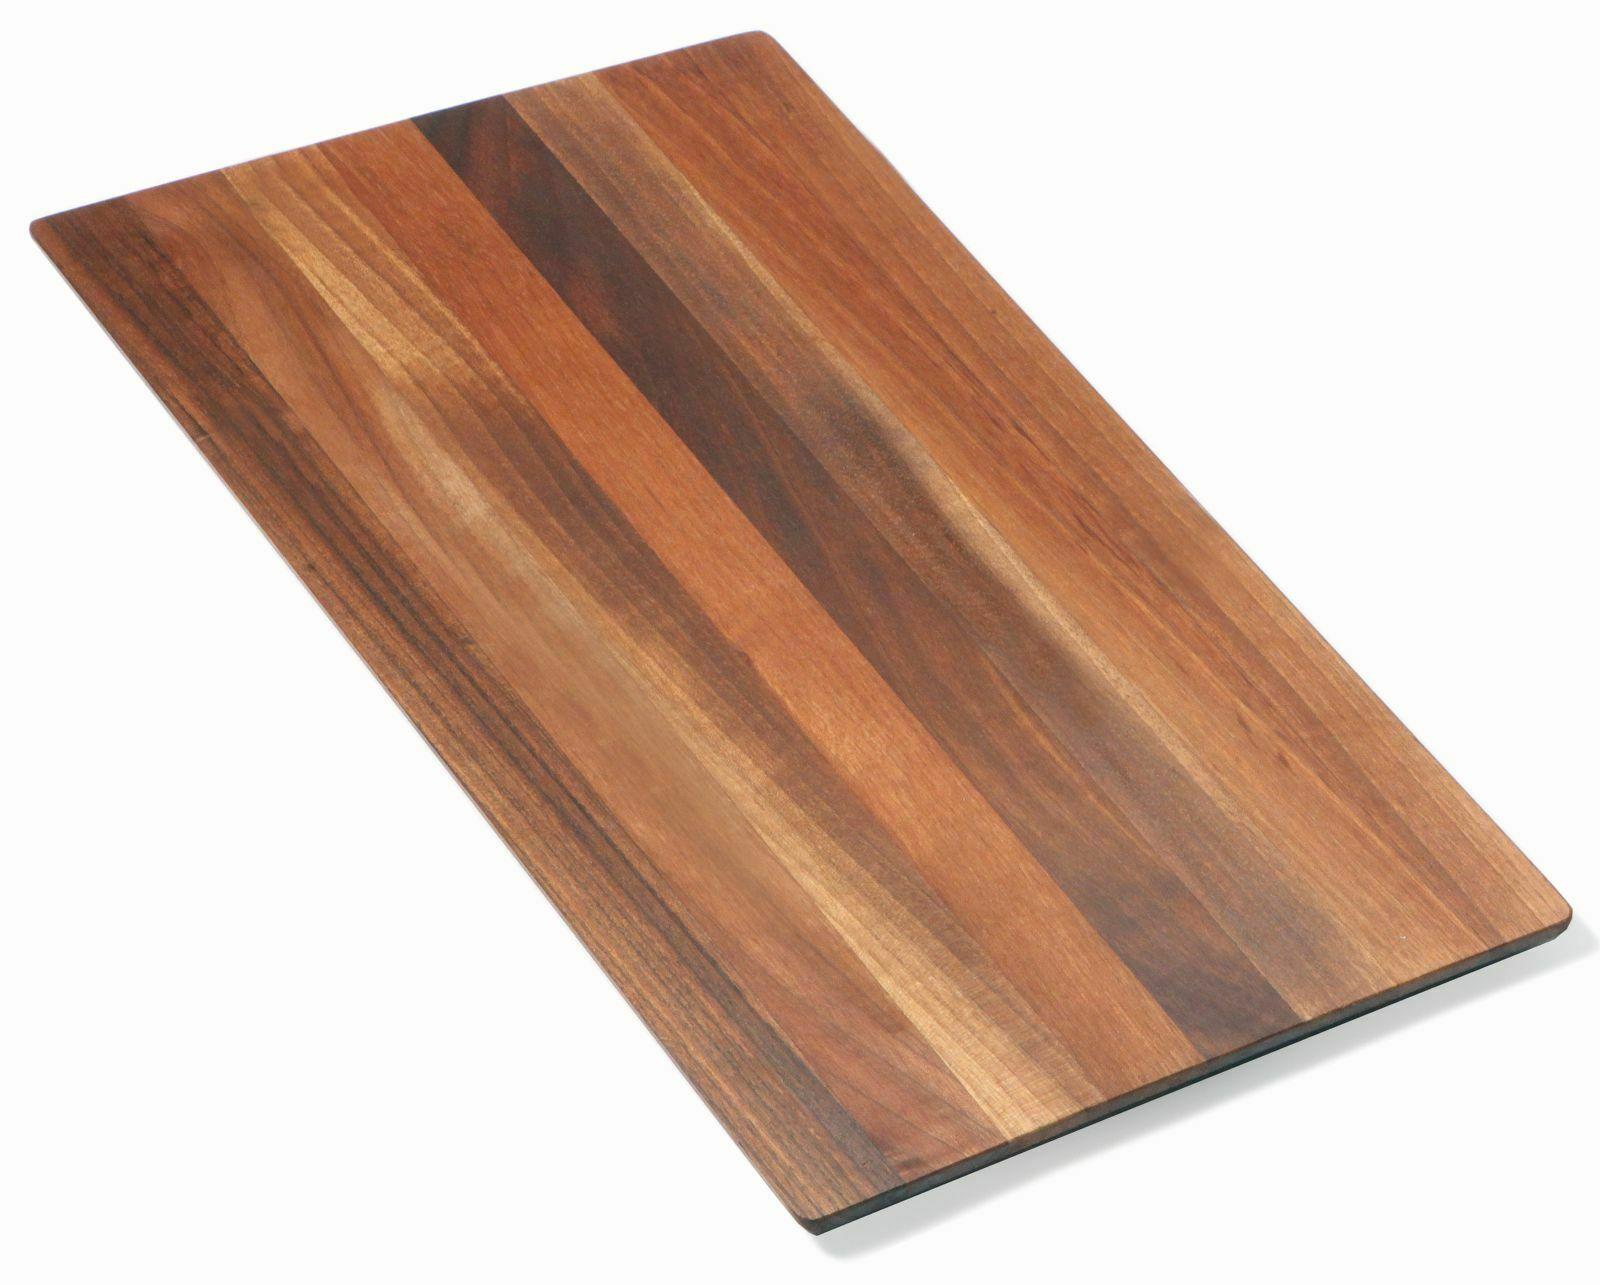 Alveus Holz Schneidbrett Nussbaum Massiv 250 X 418 Mm Für Stylux